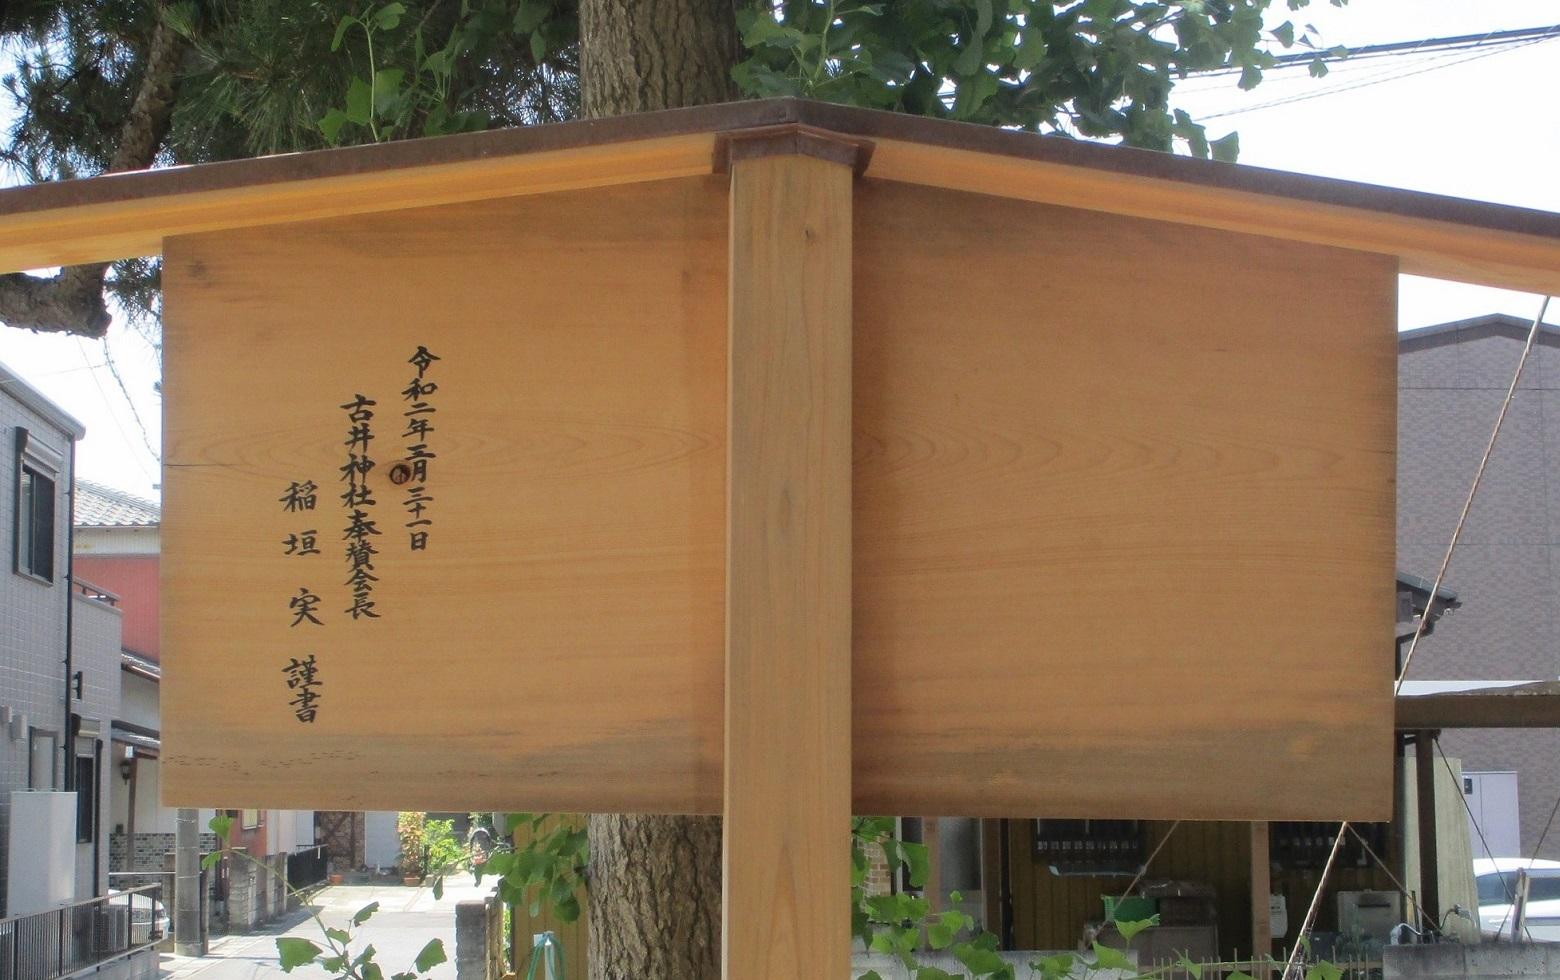 2020.6.17 (3) 古井神社のさだめがき(うらめん) 1560-980